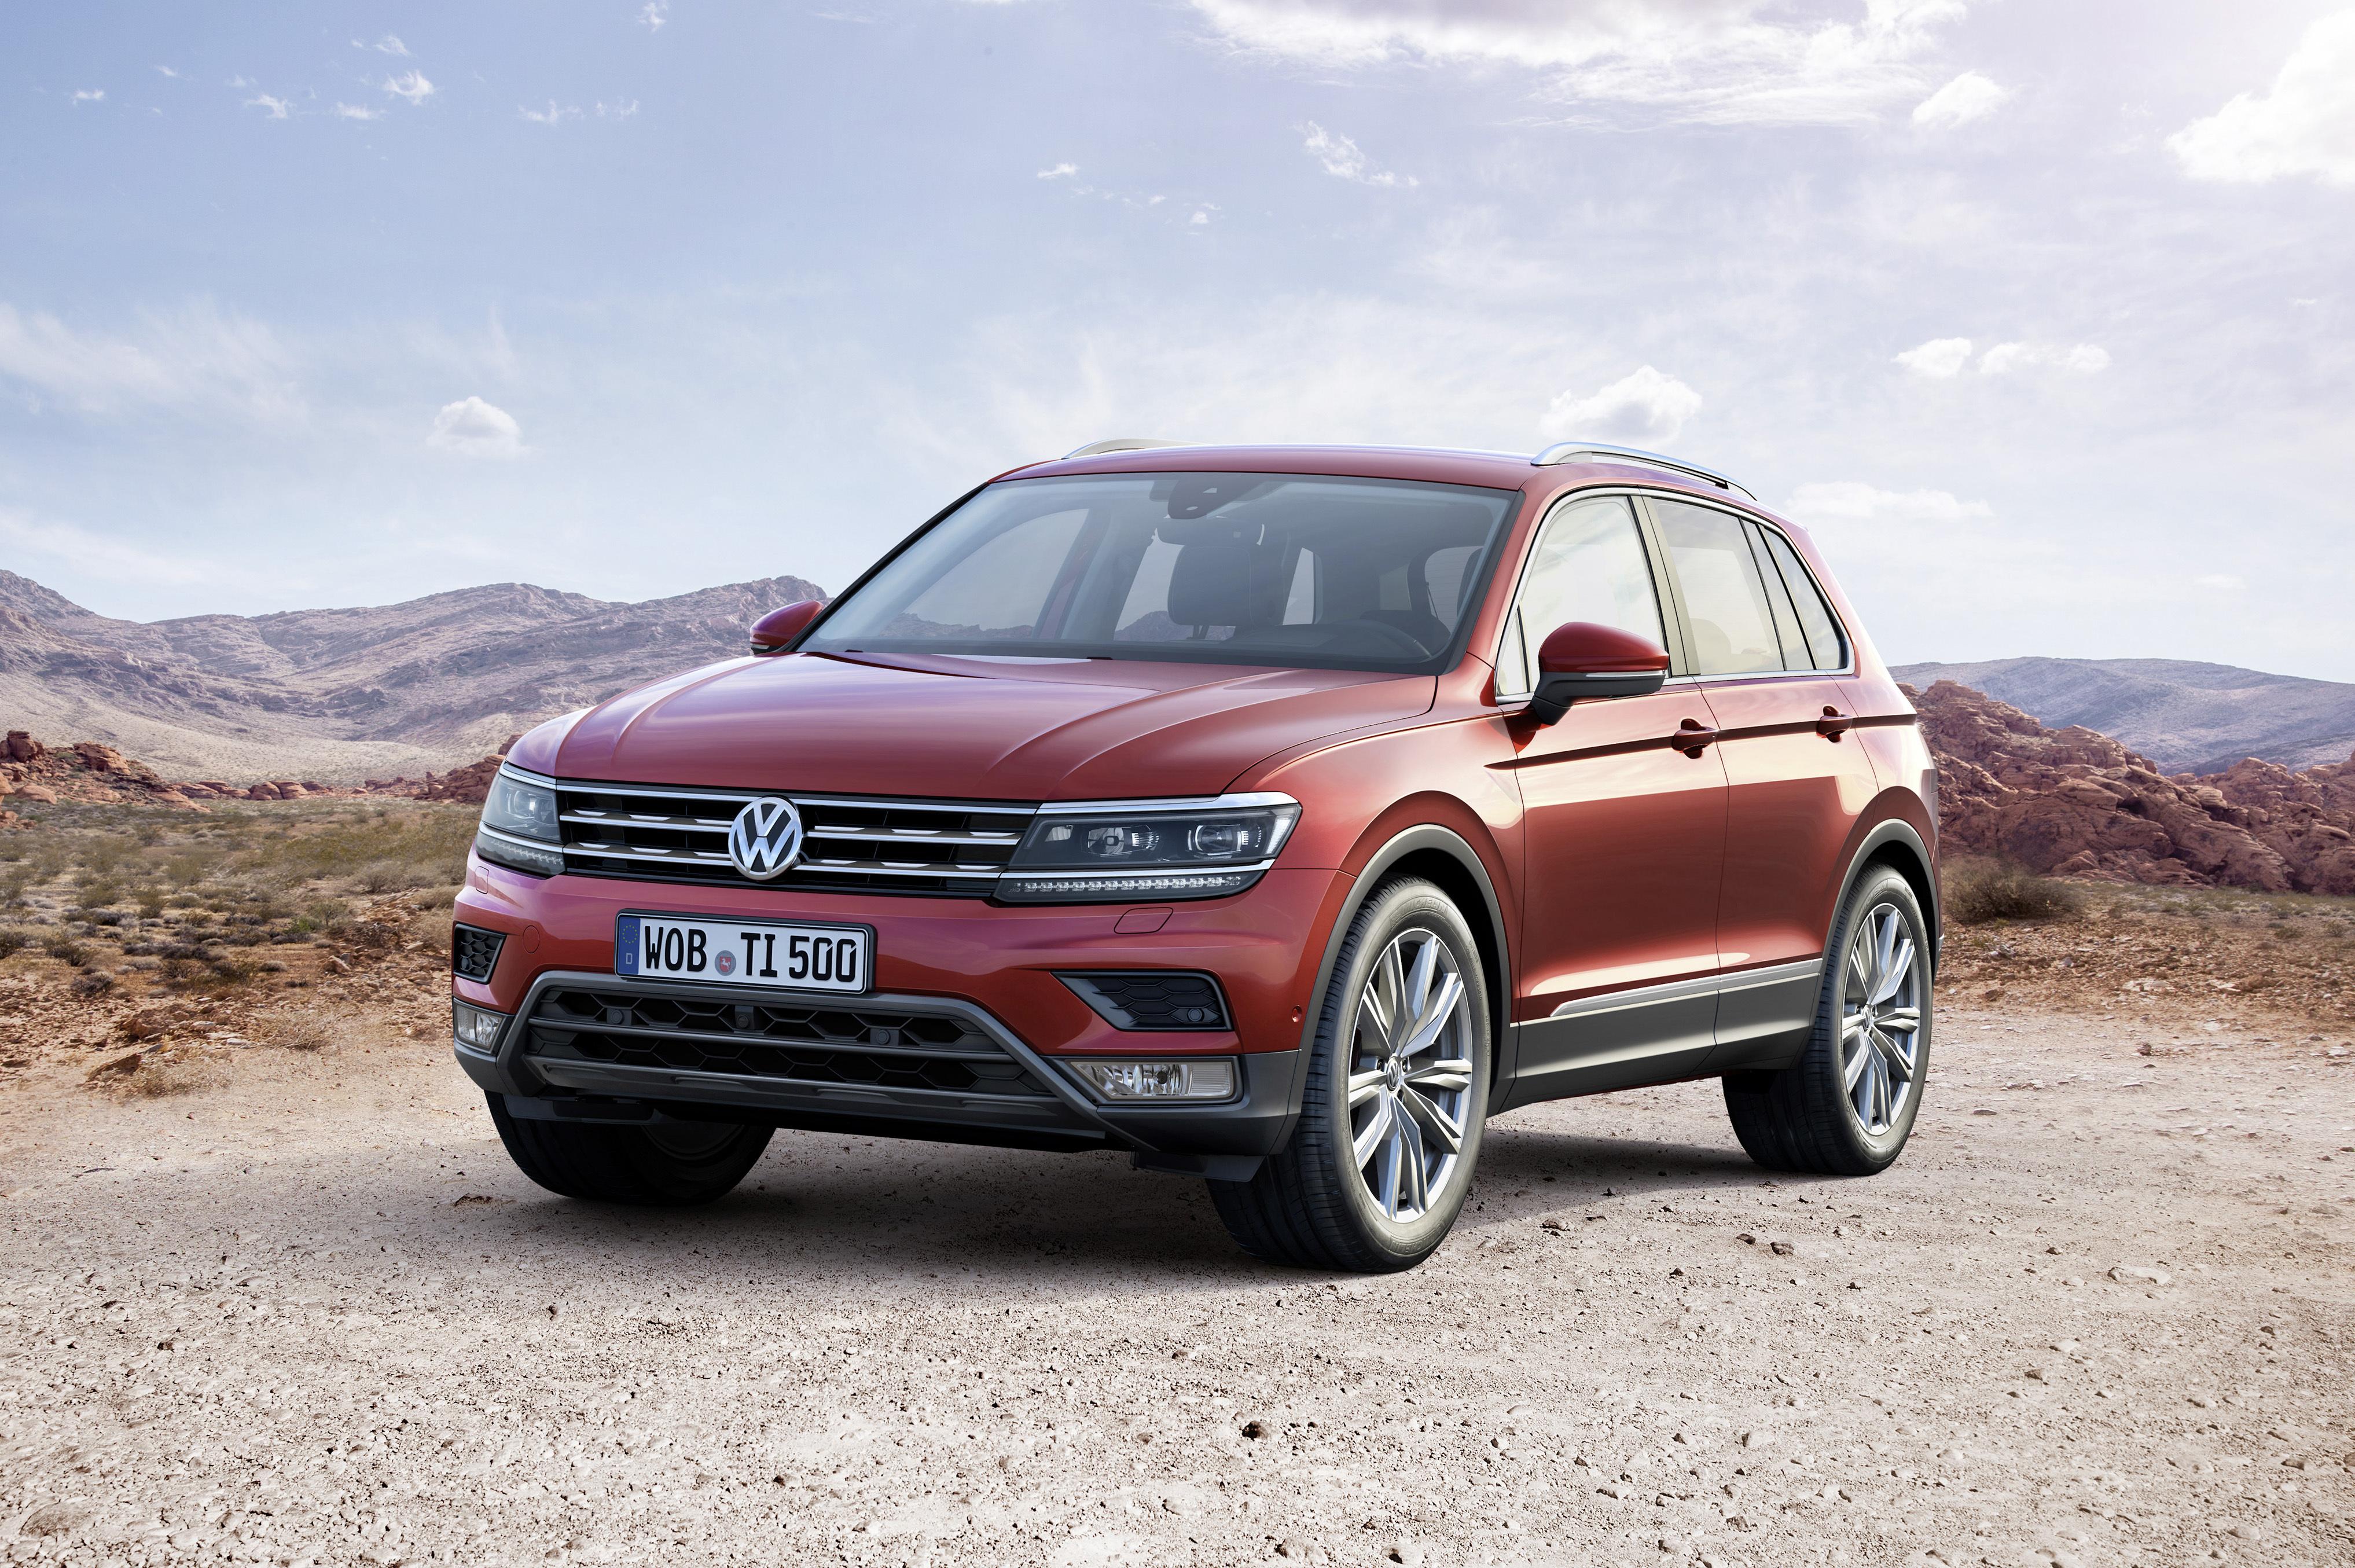 Volkswagen_2015_Tiguan_476720.jpg